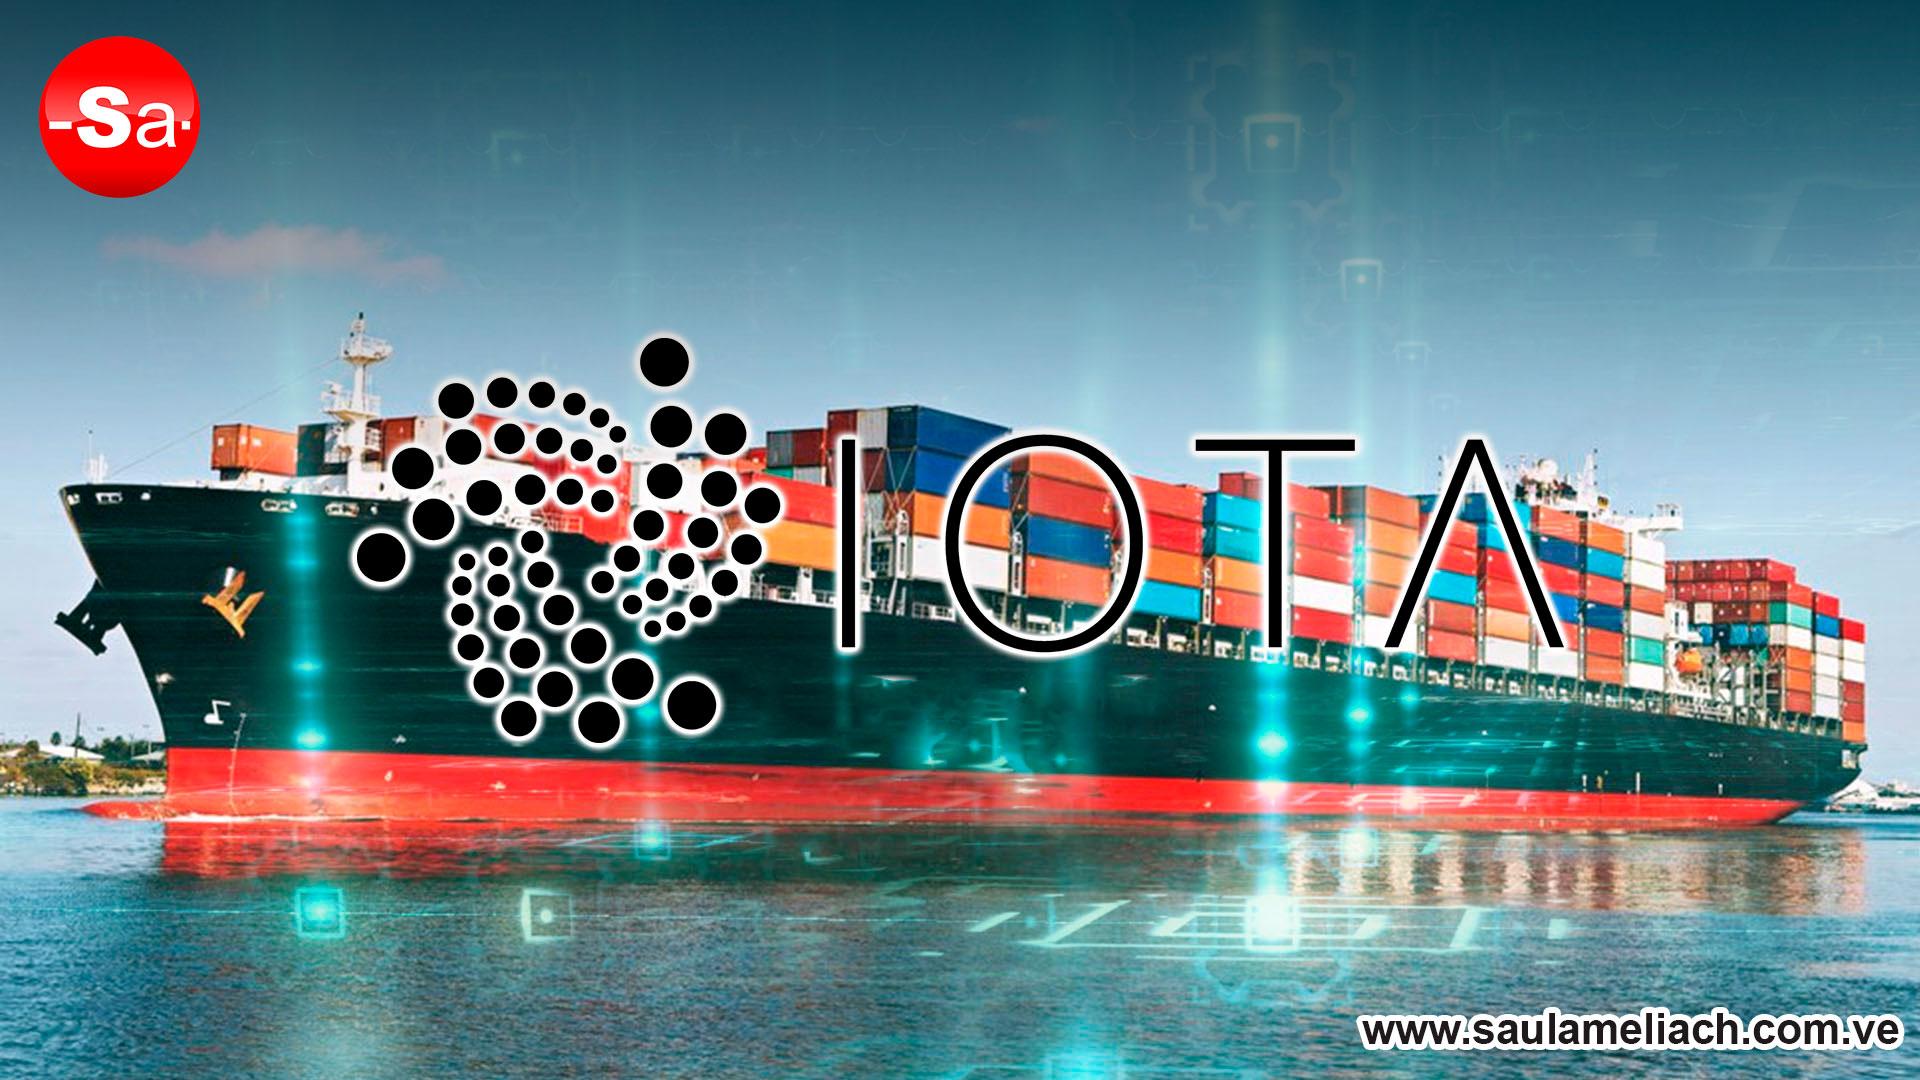 Tecnología IOTA - Saul Ameliach